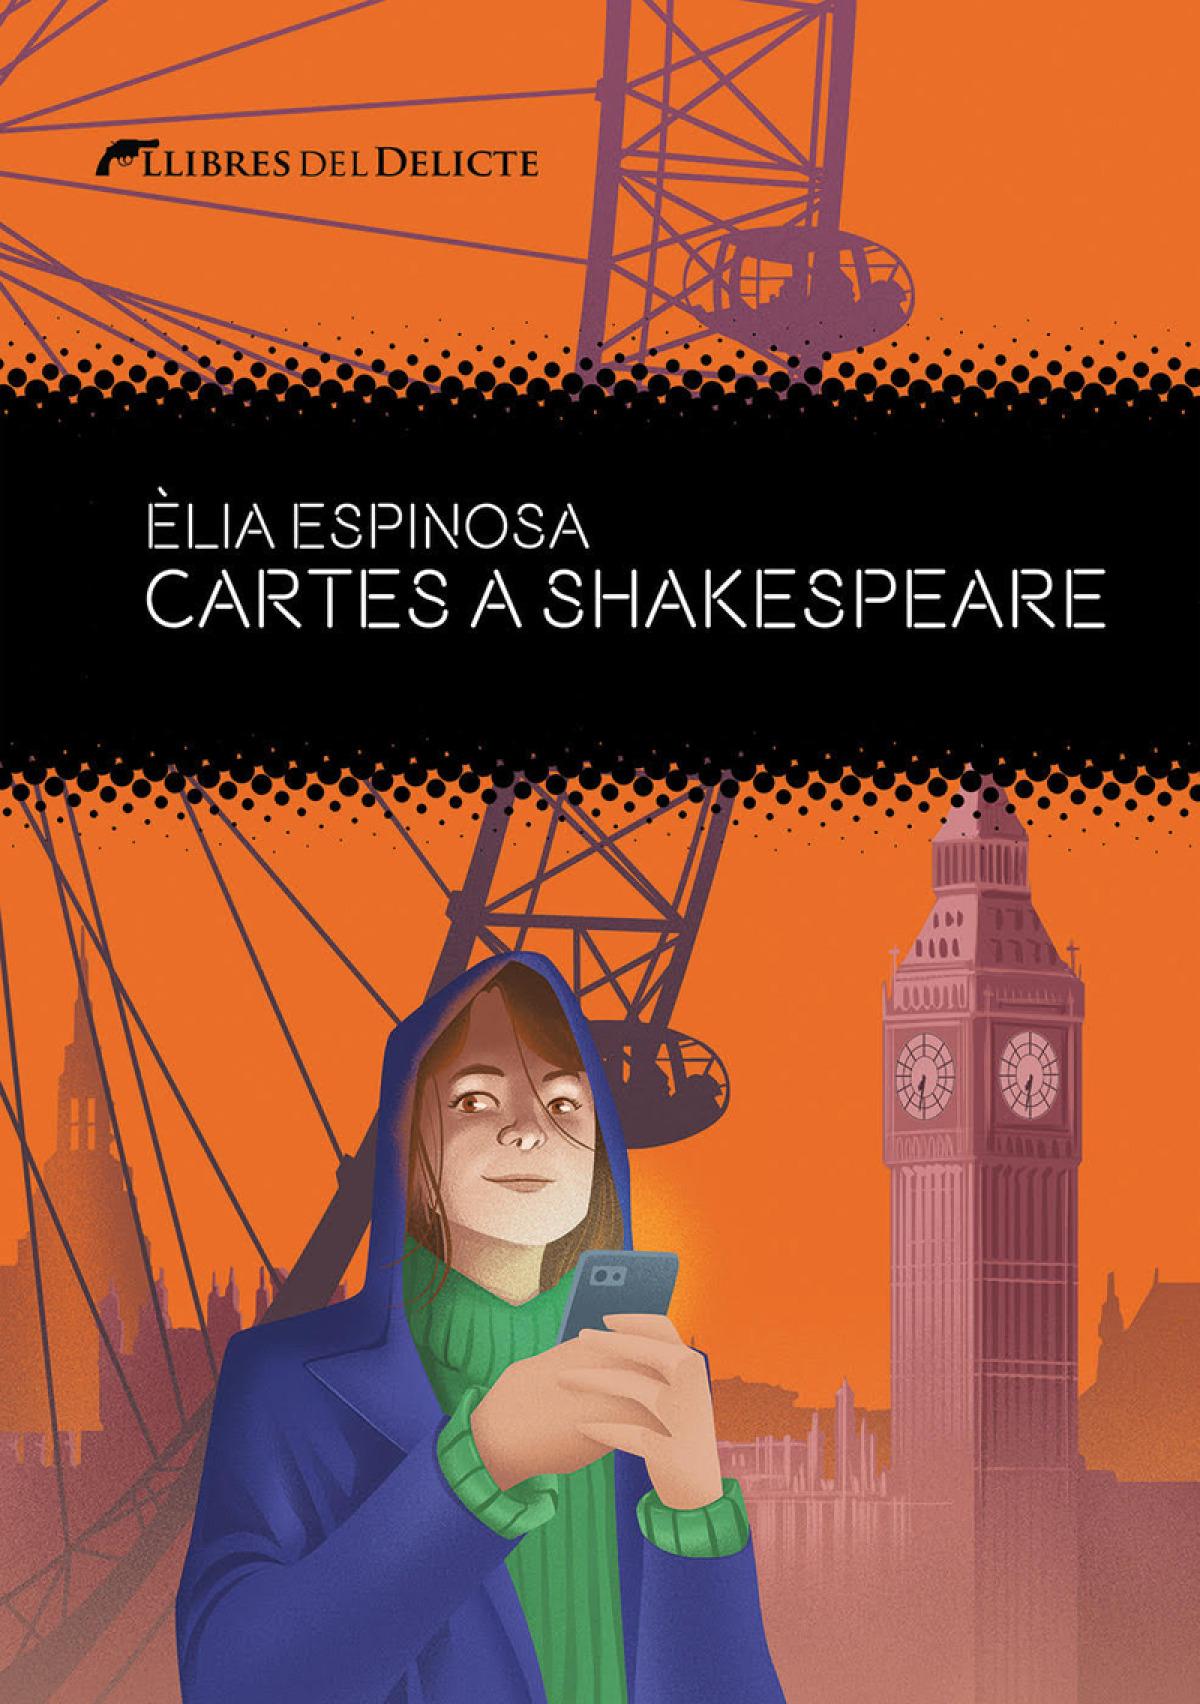 Cartes a Shakespeare